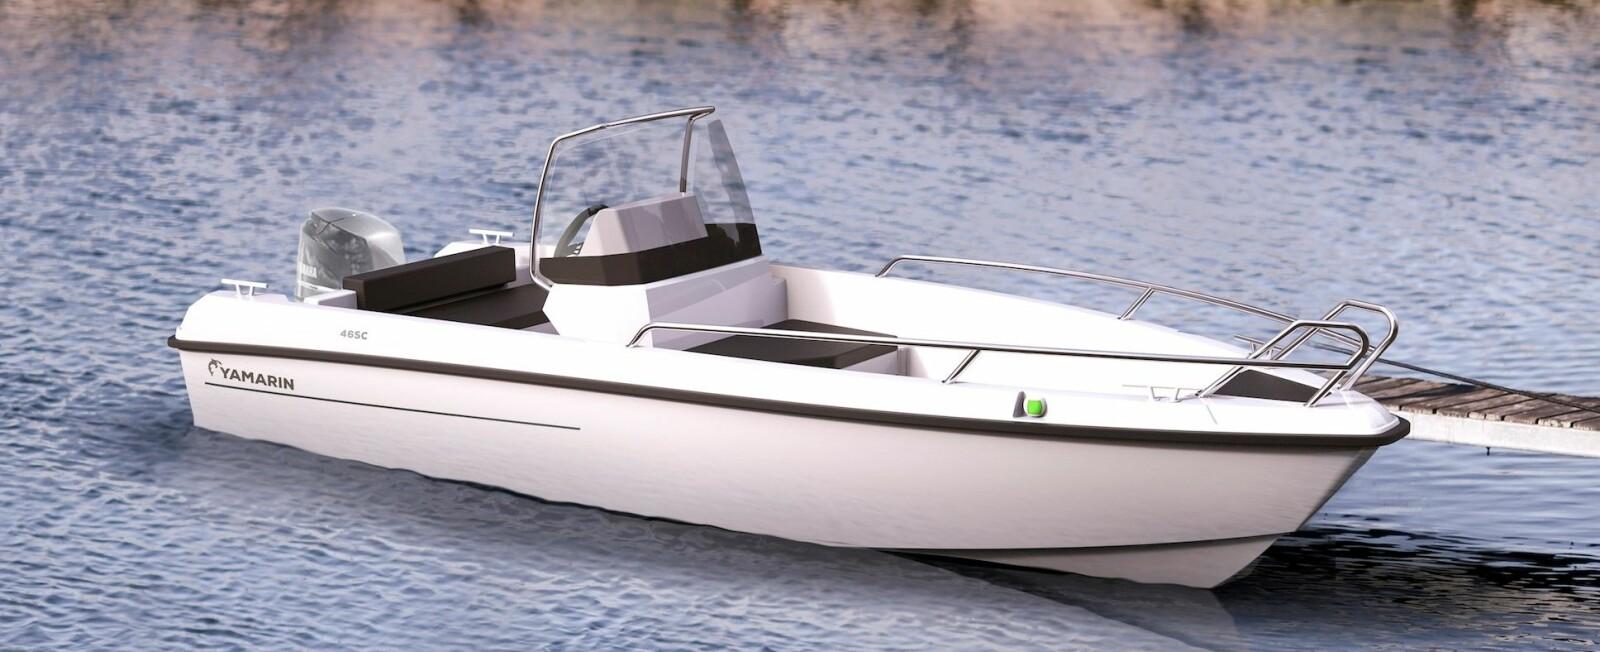 <b>YAMARIN 46 SC: </b>Den første 3D-illustrasjonen av Yamarin 46 SC viser en båt med rene, enkle linjer.